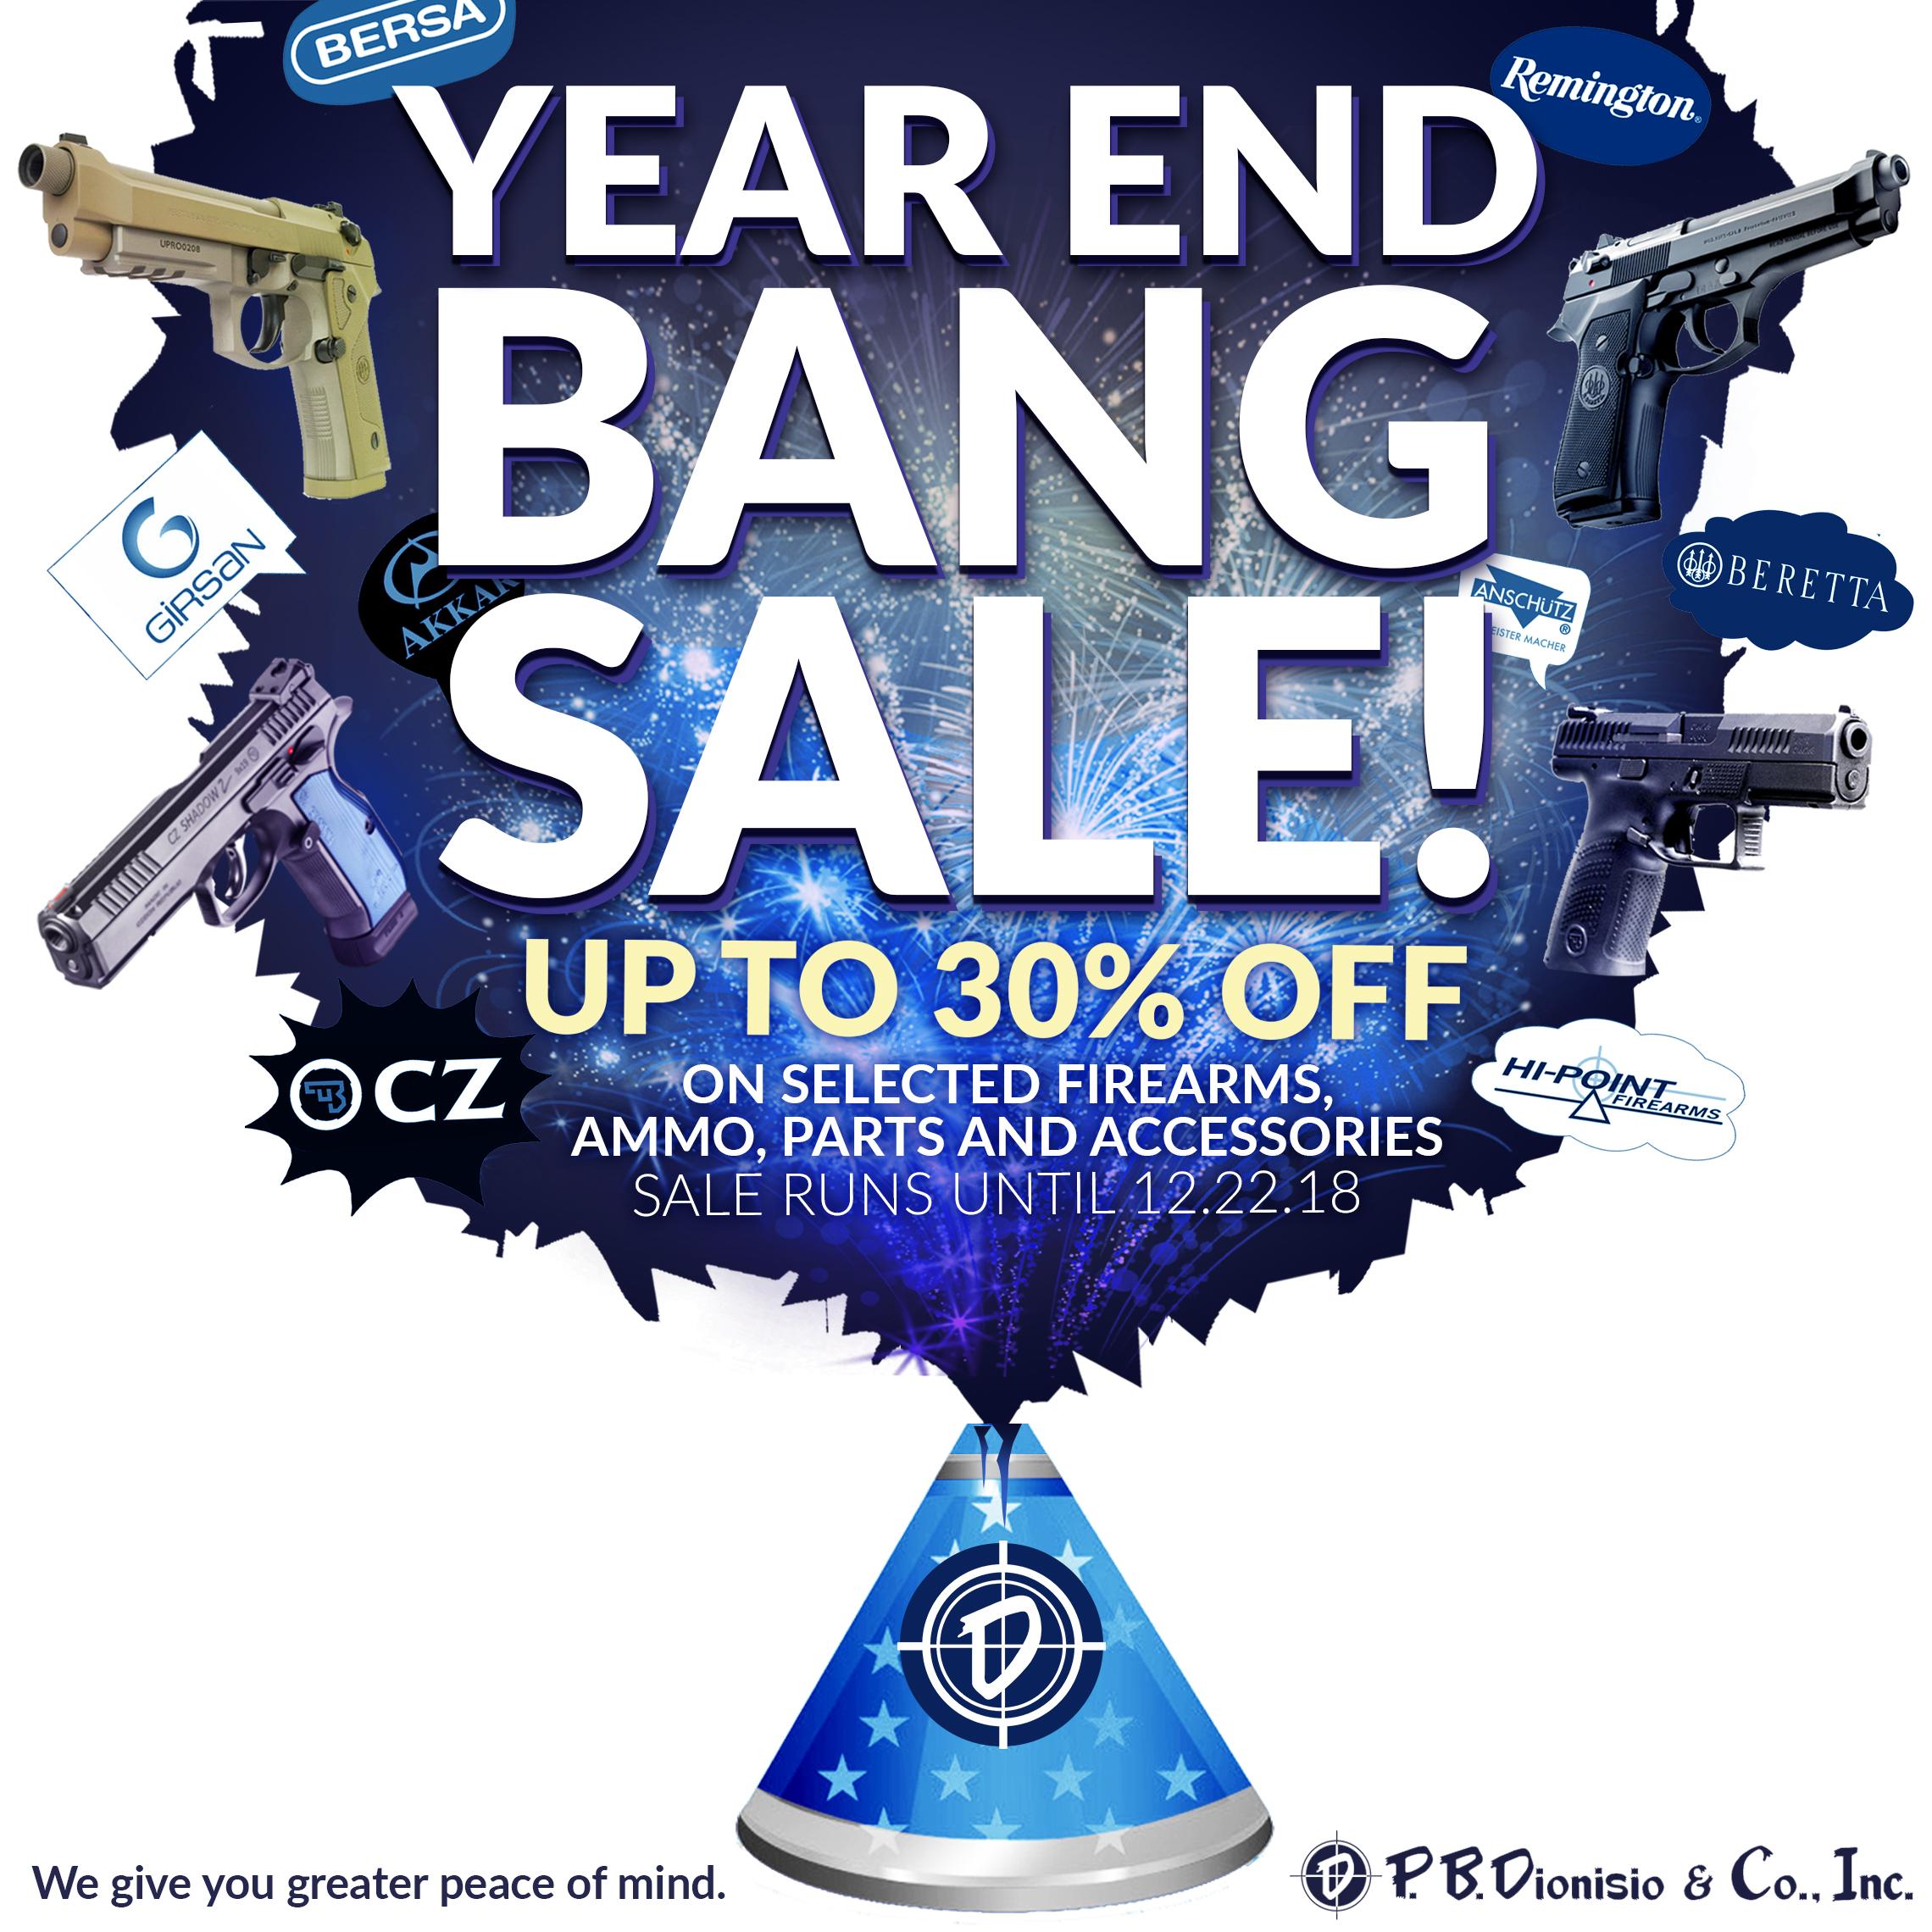 YEAR END BANG 2018